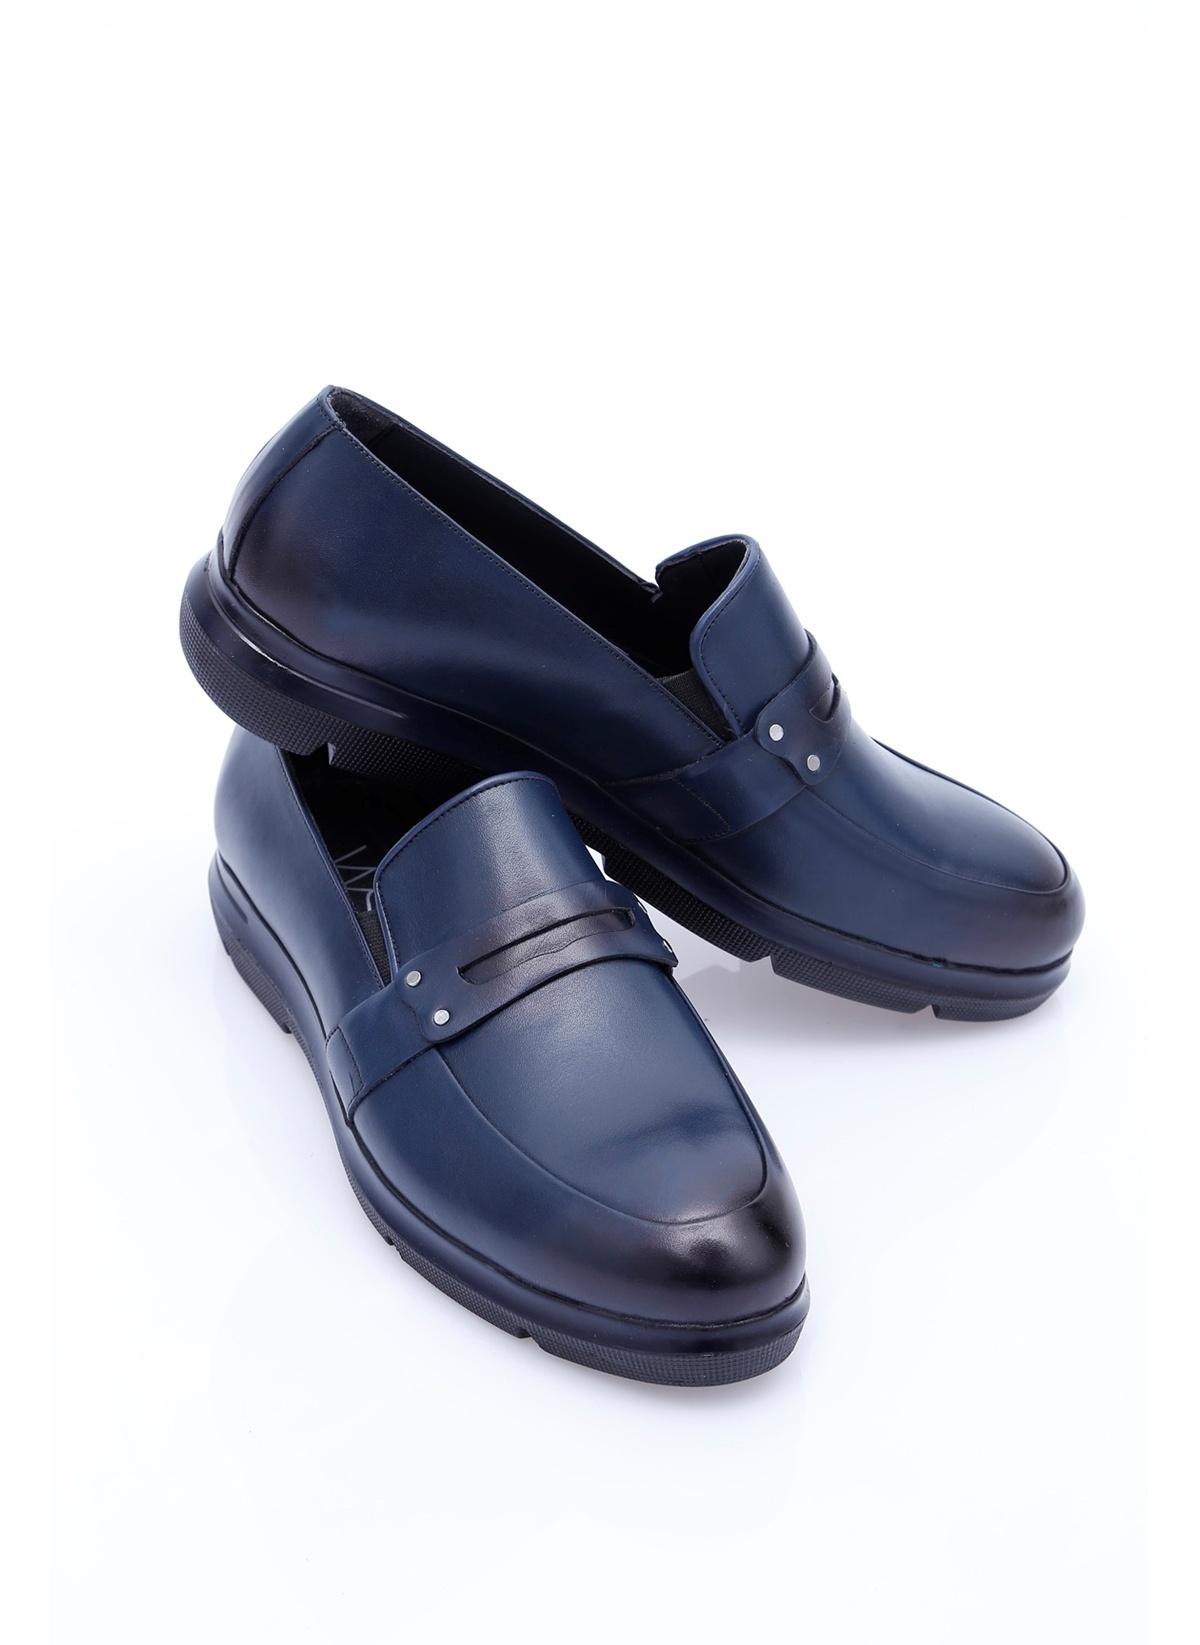 Wessi Loafer Ayakkabı Ayk-8011 Ayakkabı – 229.9 TL